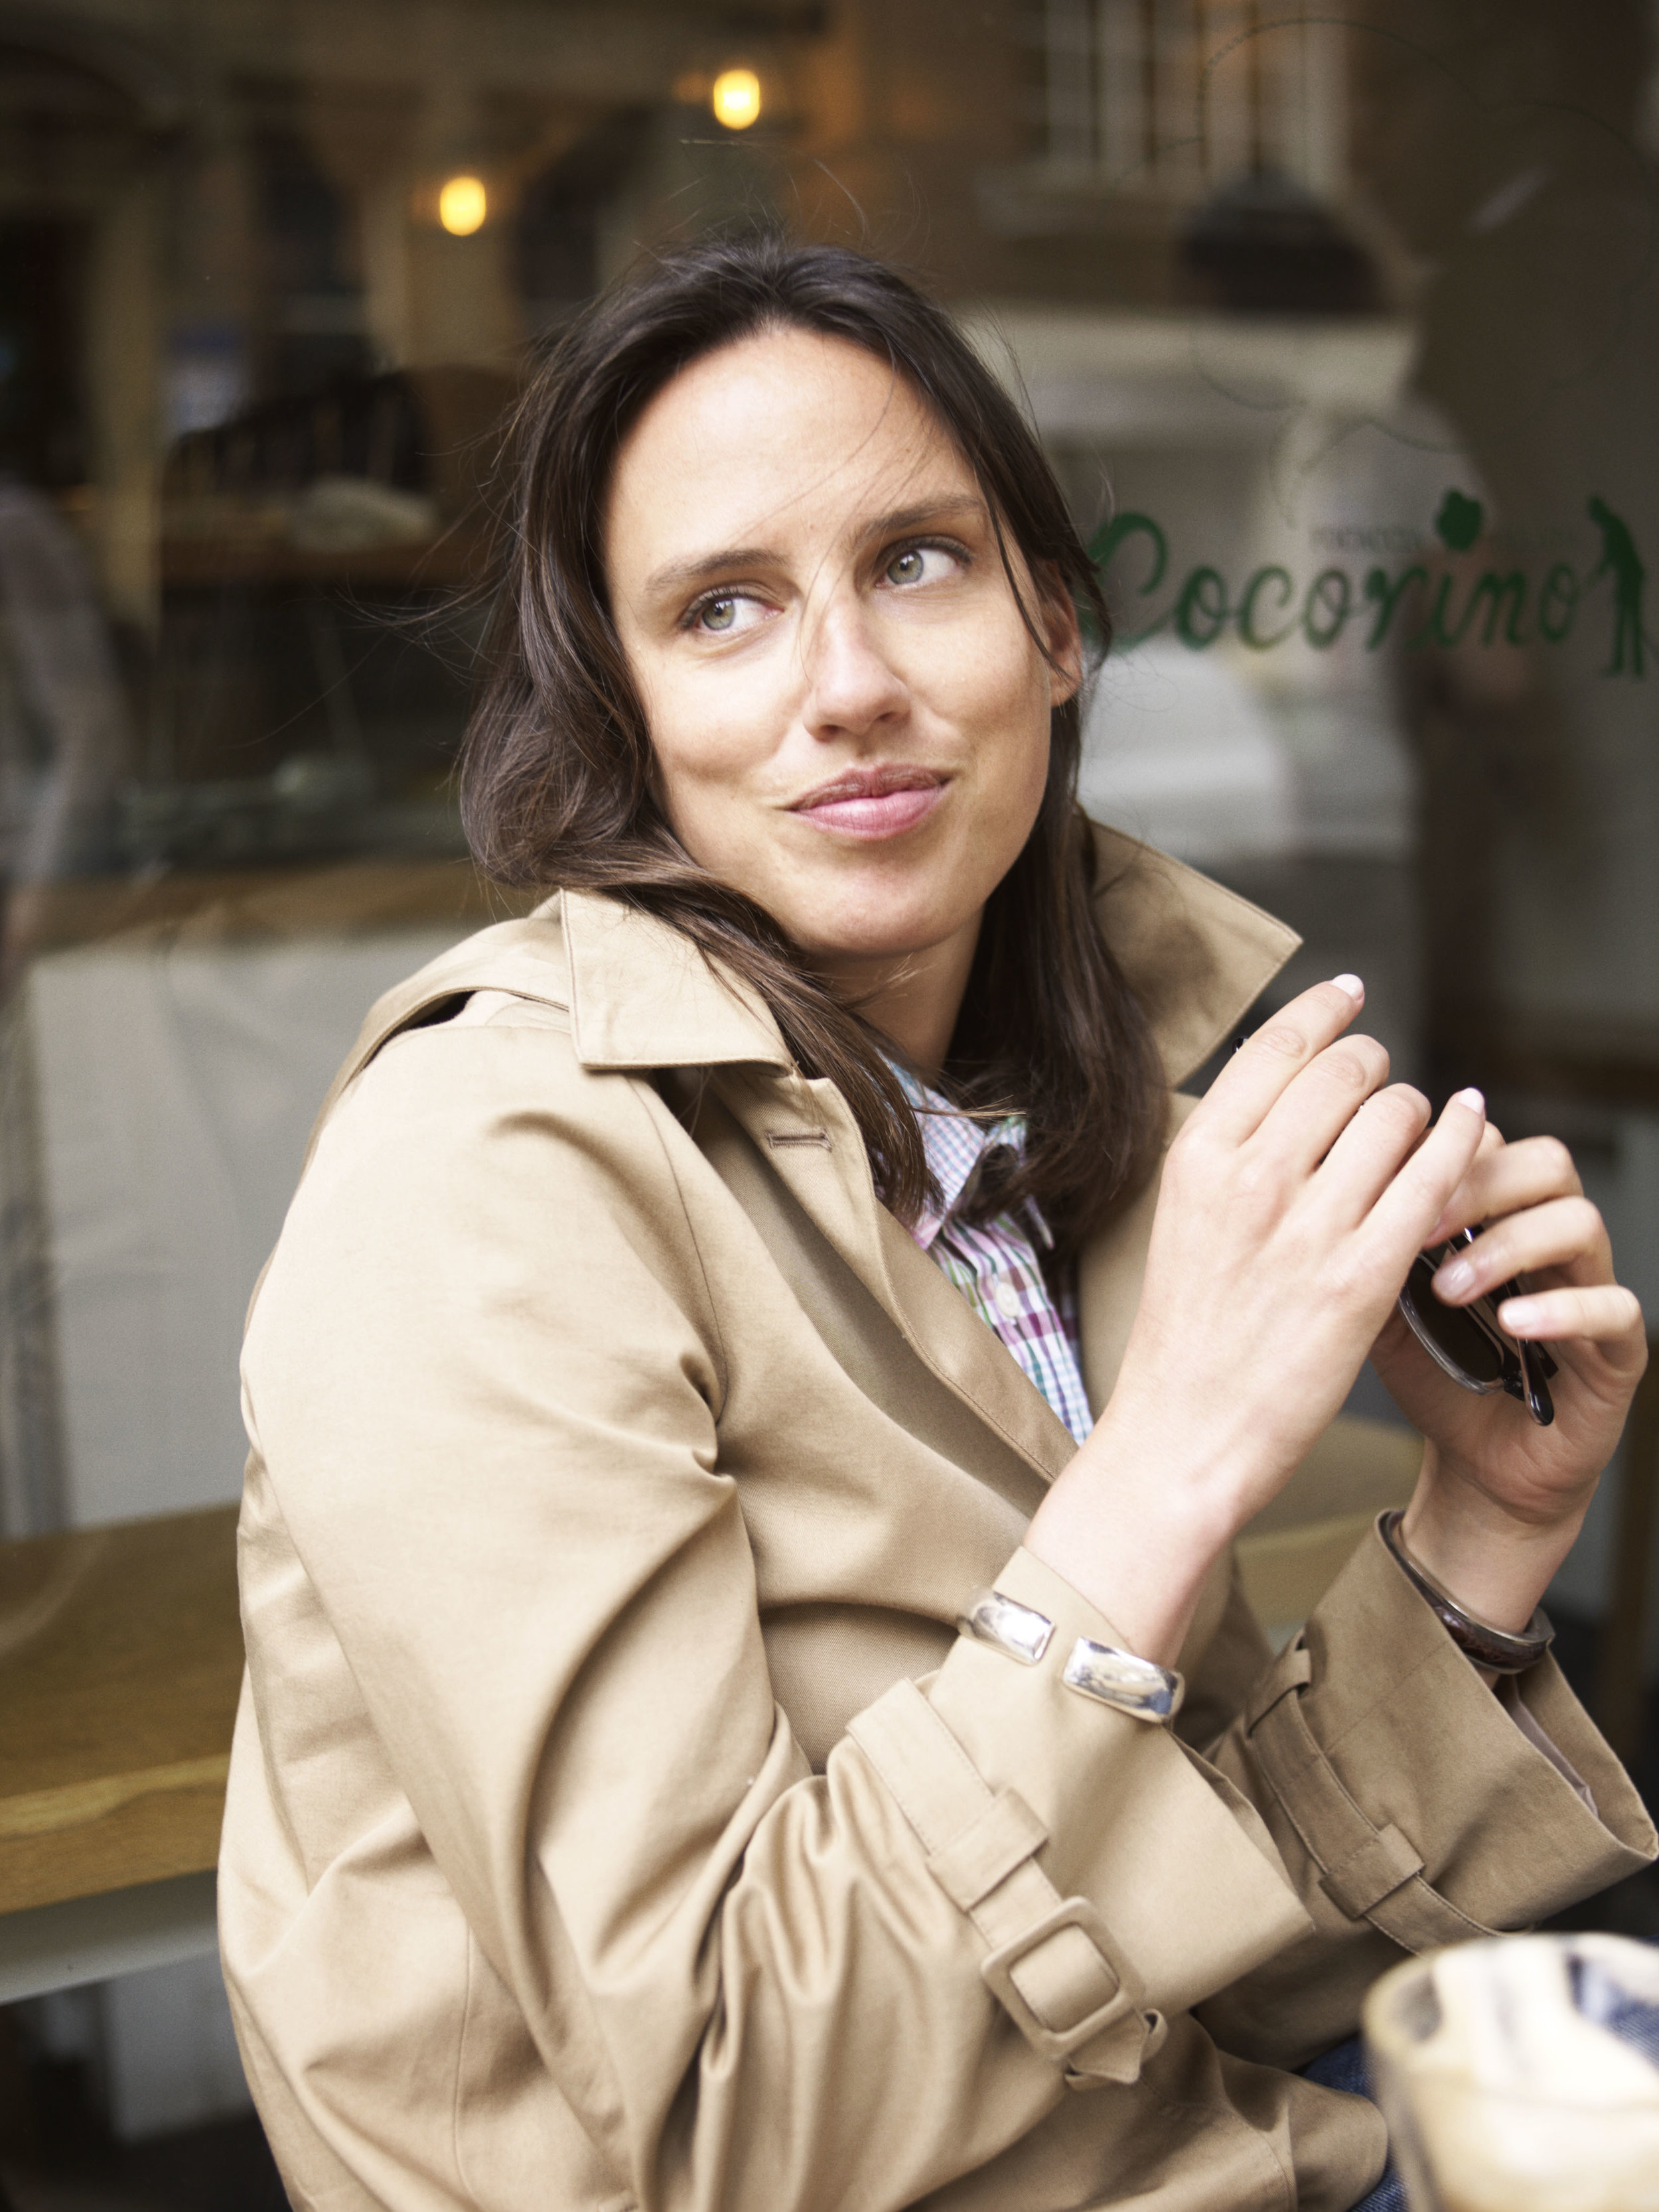 Alexia Hentsch